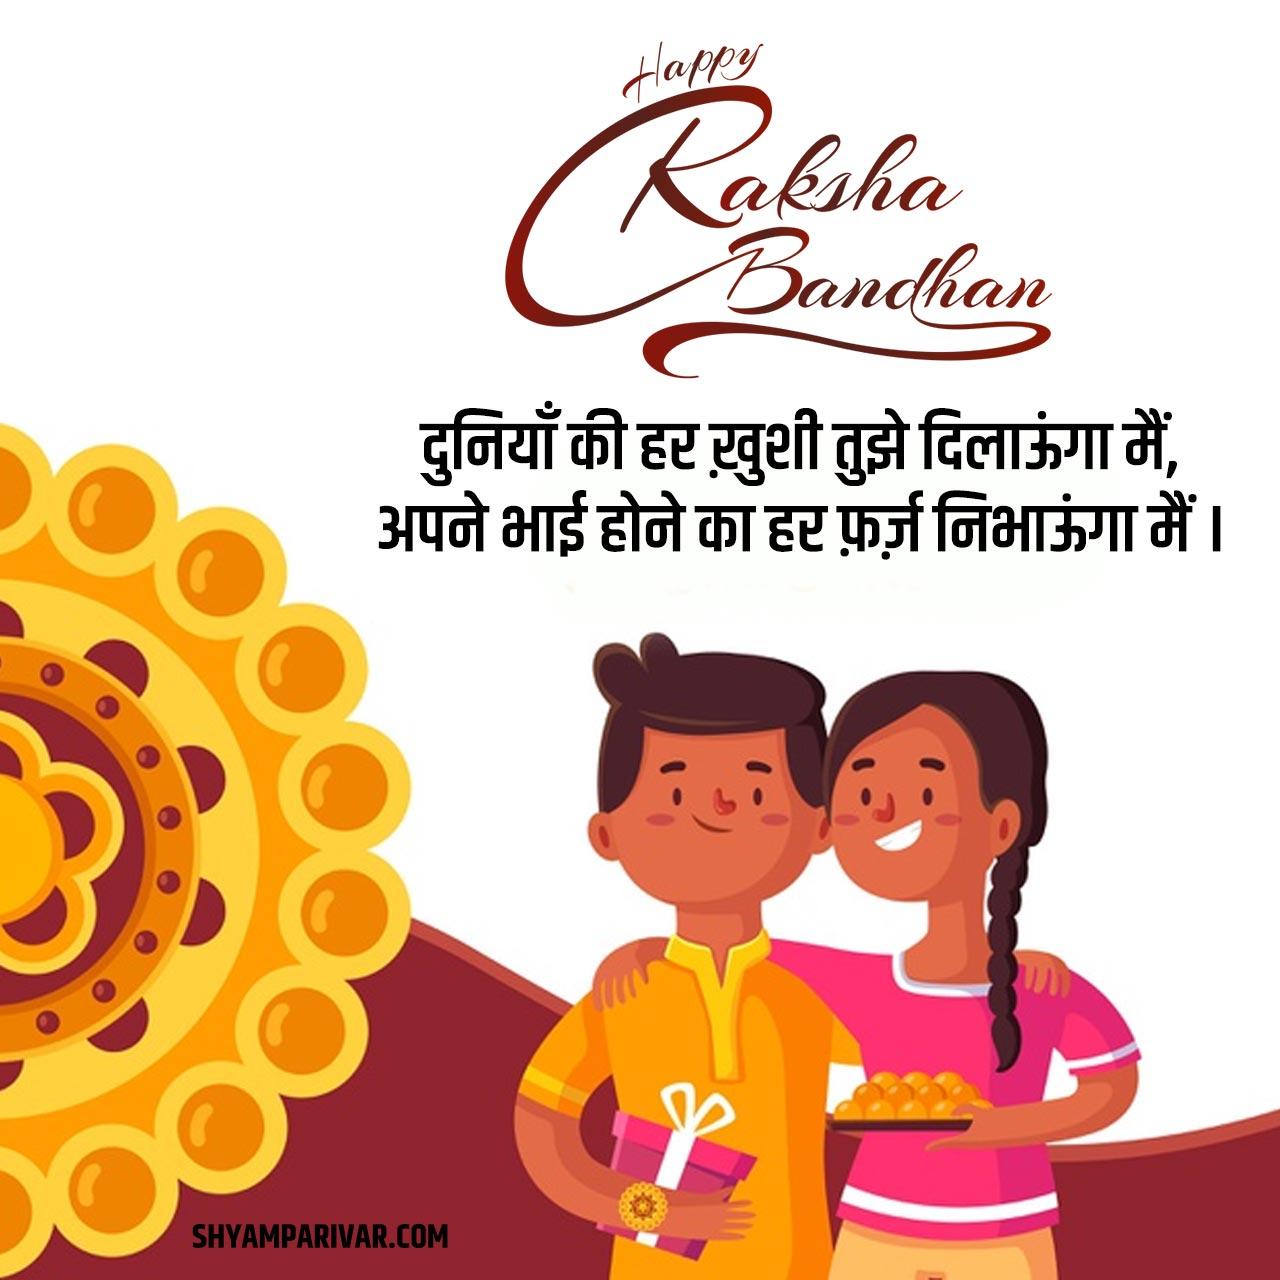 Happy Raksha bandhan hindi quotes,  हैप्पी रक्षाबंधन हिंदी शायरी